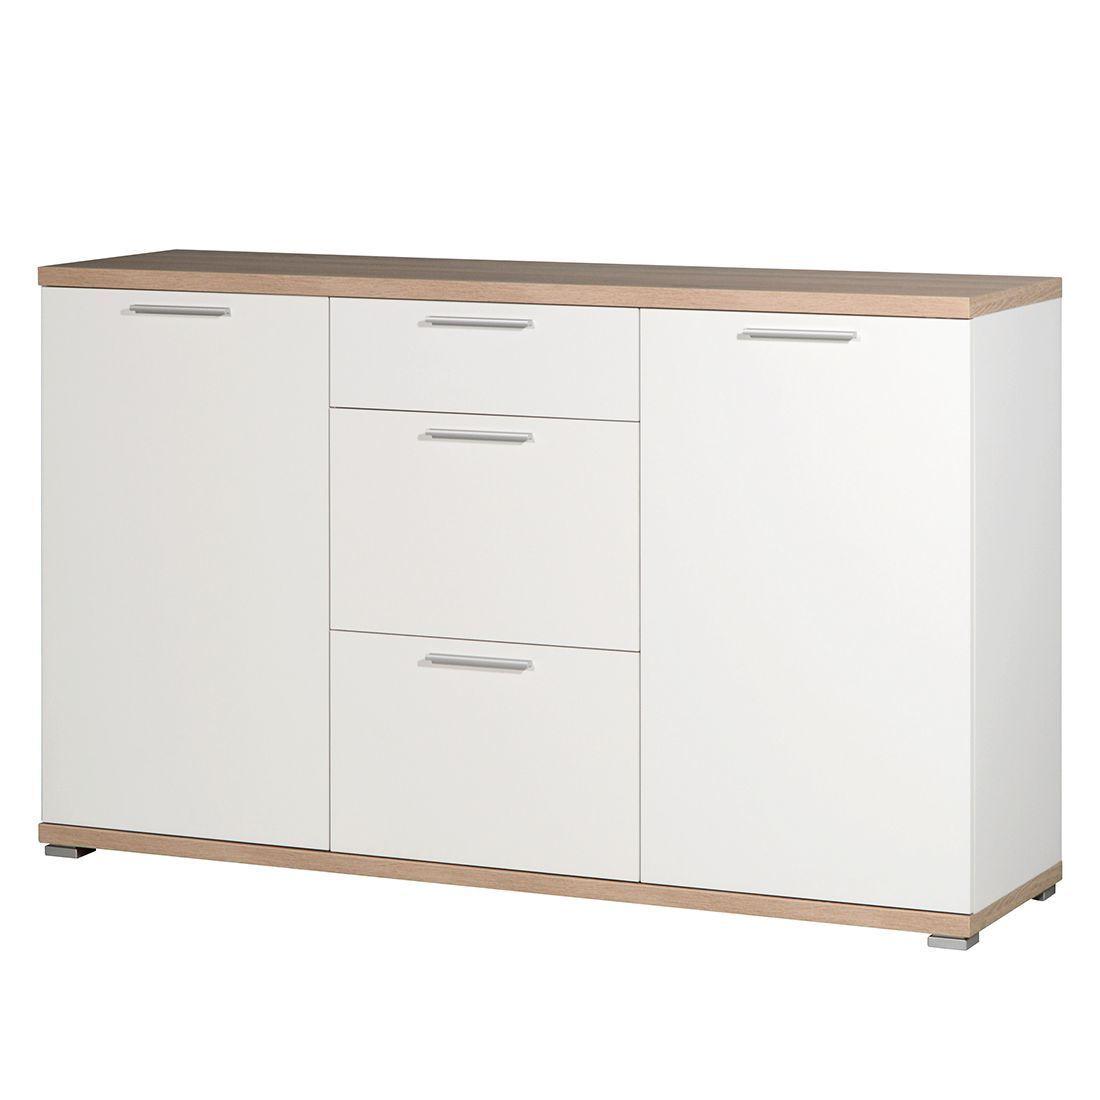 Pin By Ladendirekt On Schranke Locker Storage Storage Cabinets Filing Cabinet